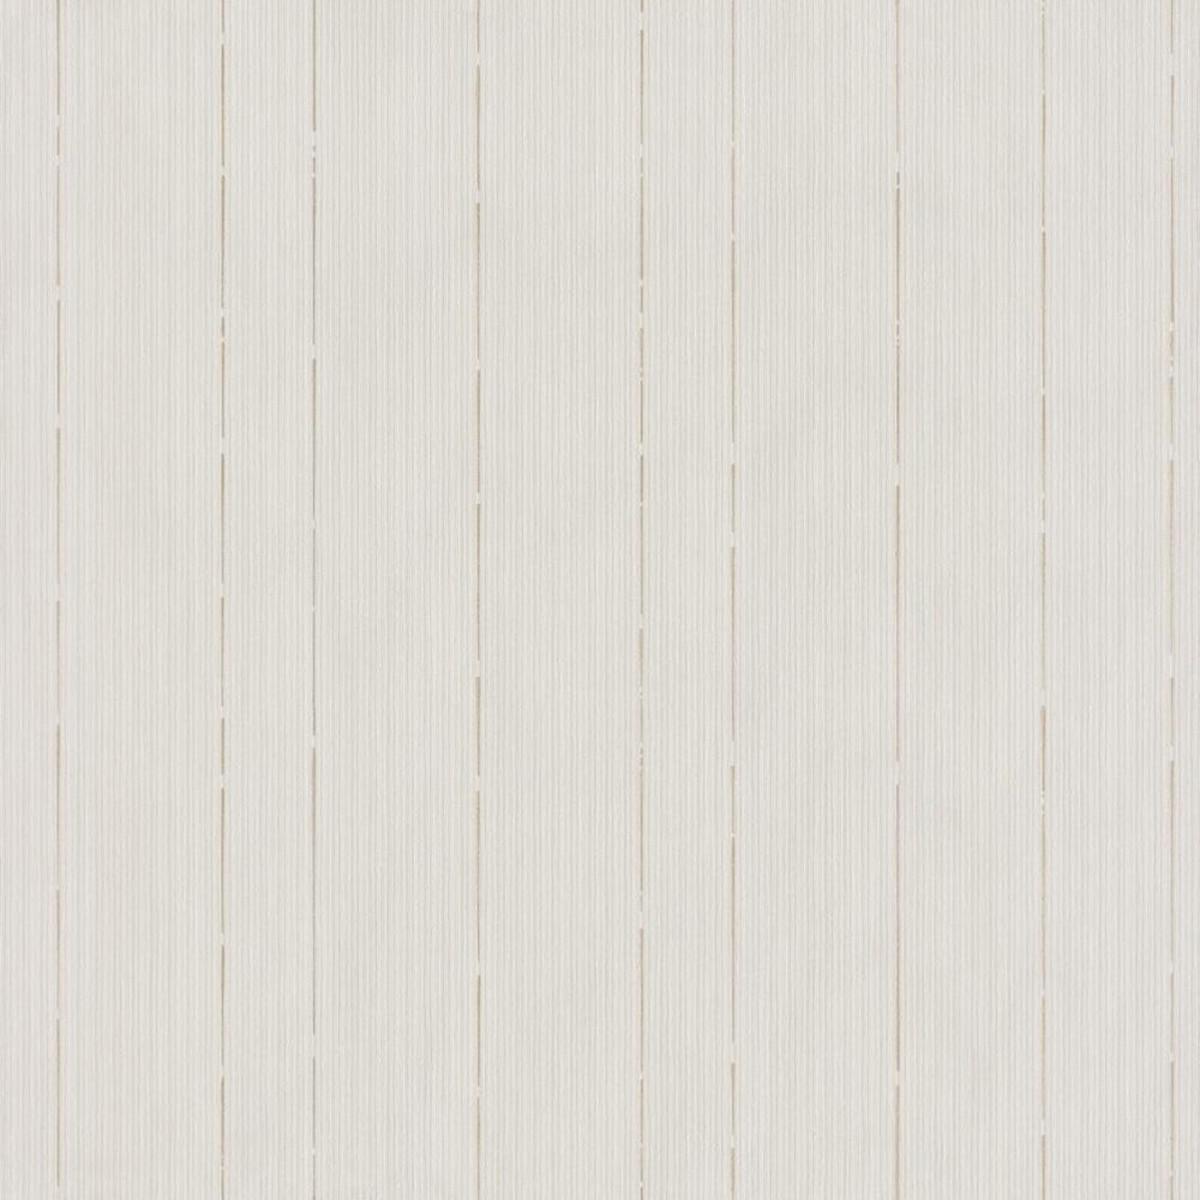 Обои флизелиновые Grandeco Nuances серые 0.53 м NU4004